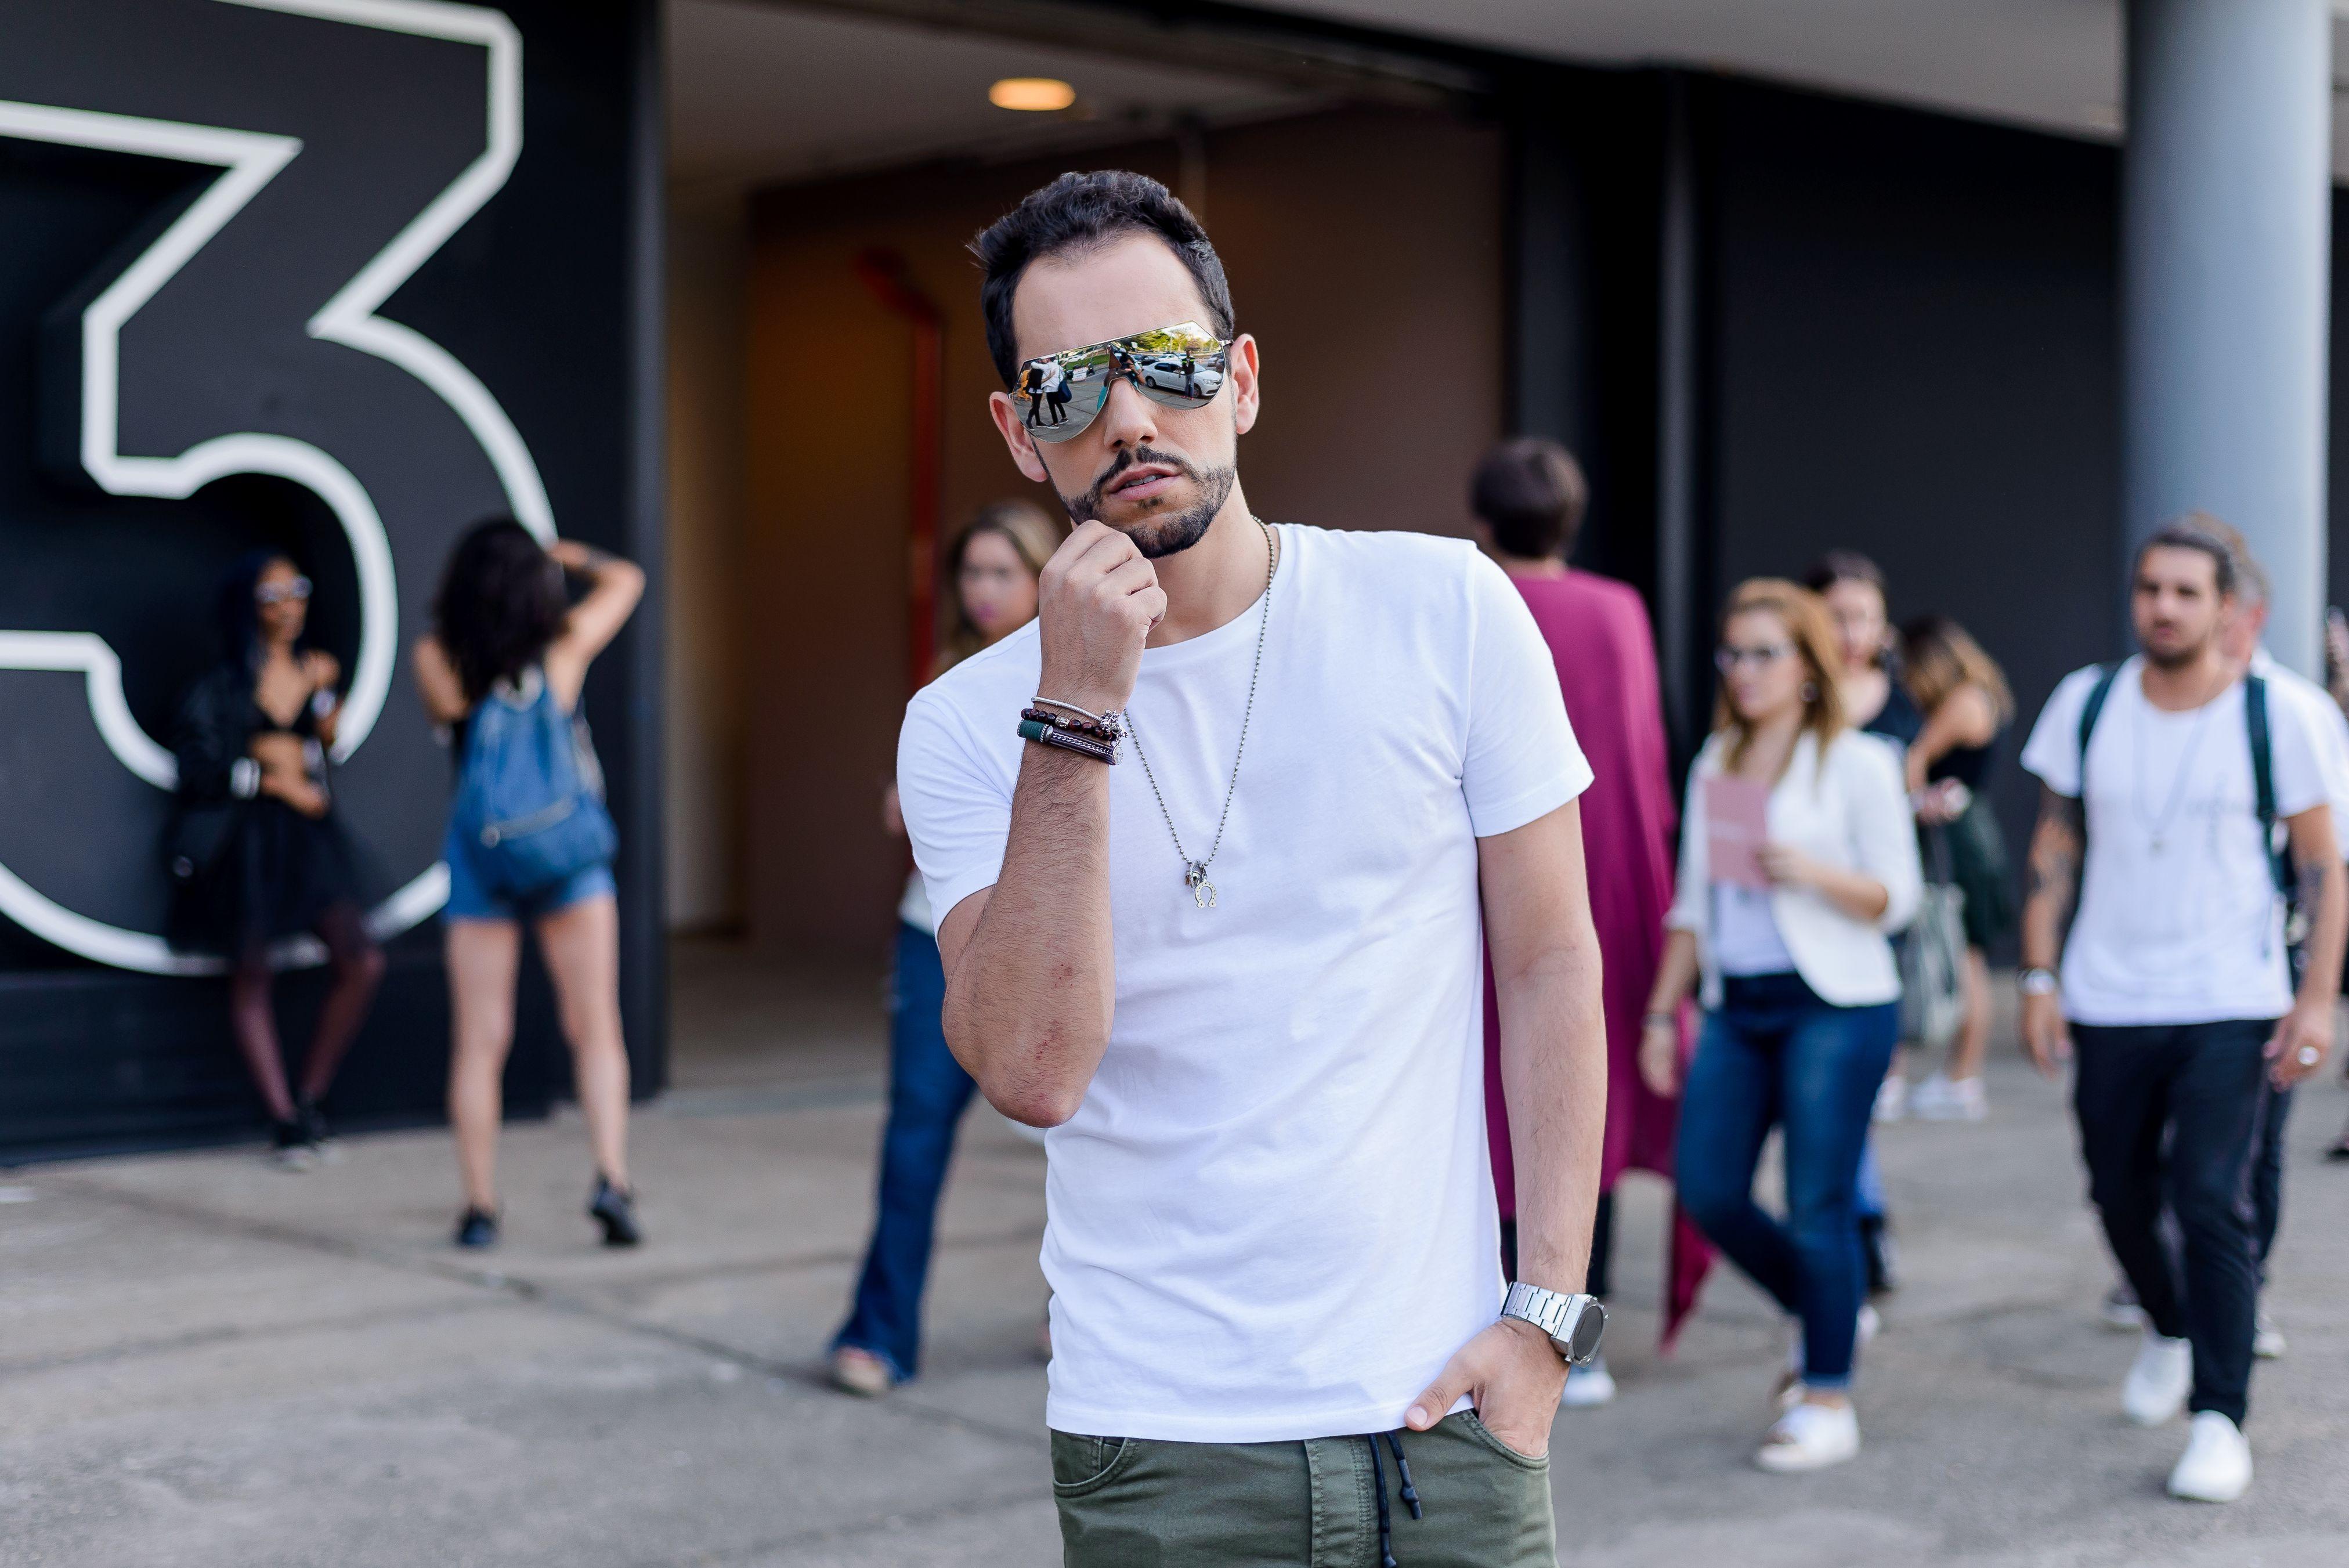 spfwn43-street-style-moda-masculina-estilo-masculino-style-fashion-moda-2017-moda-sem-censura-beleza-blog-de-moda-men-man-boy-estilo (14)